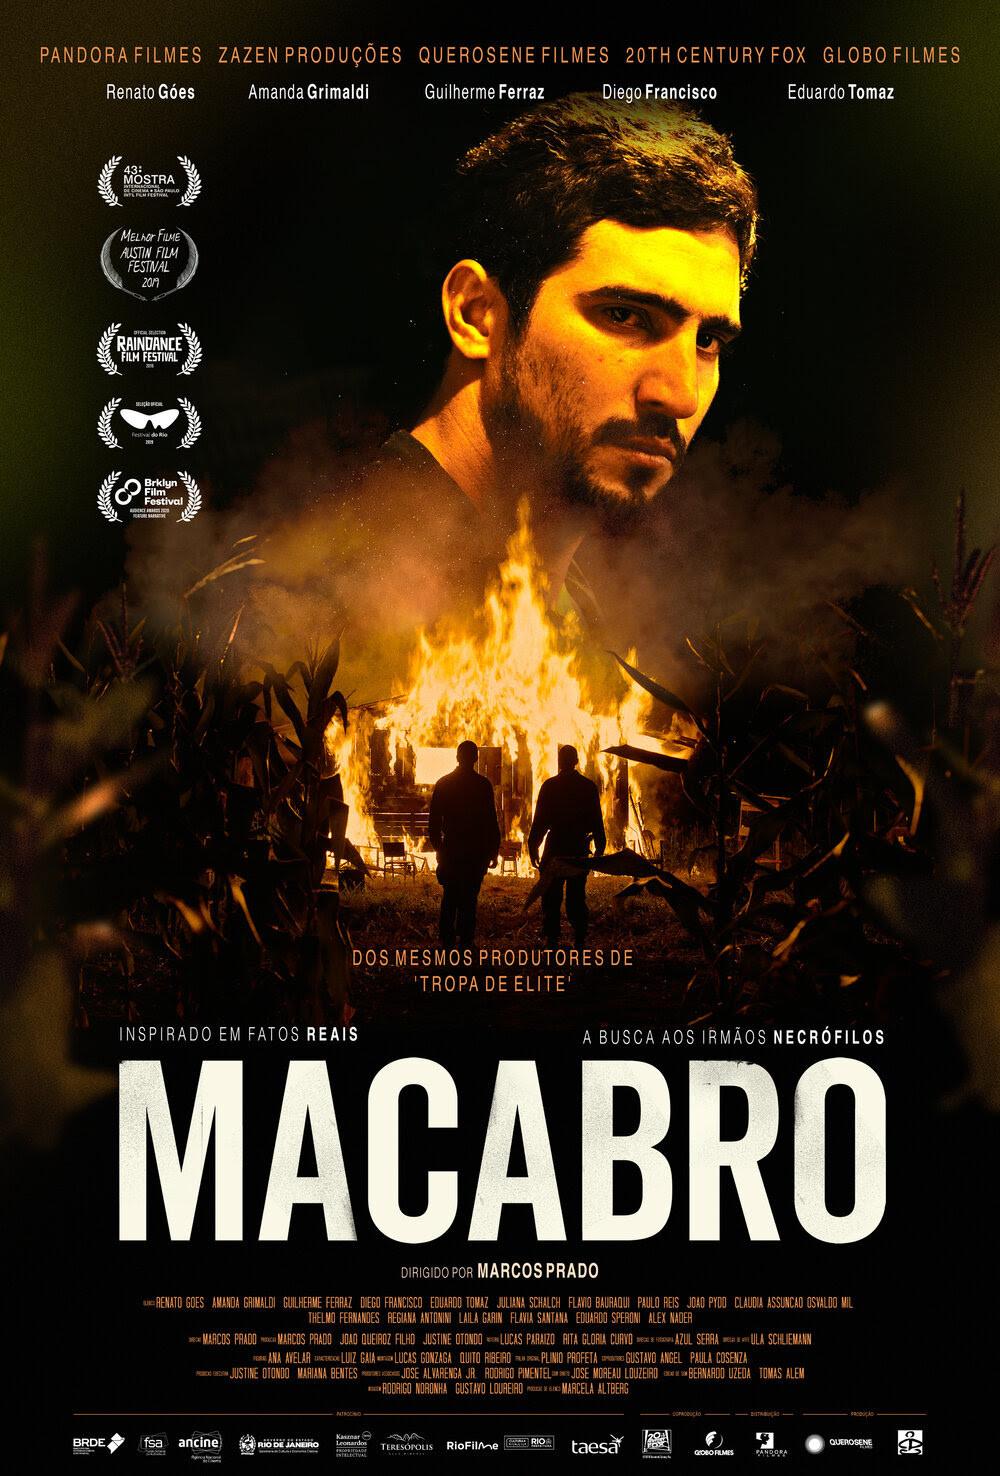 Cartaz do filme nacional Macabro (2019), de Marcos Prado | Divulgação (Pandora Filmes)